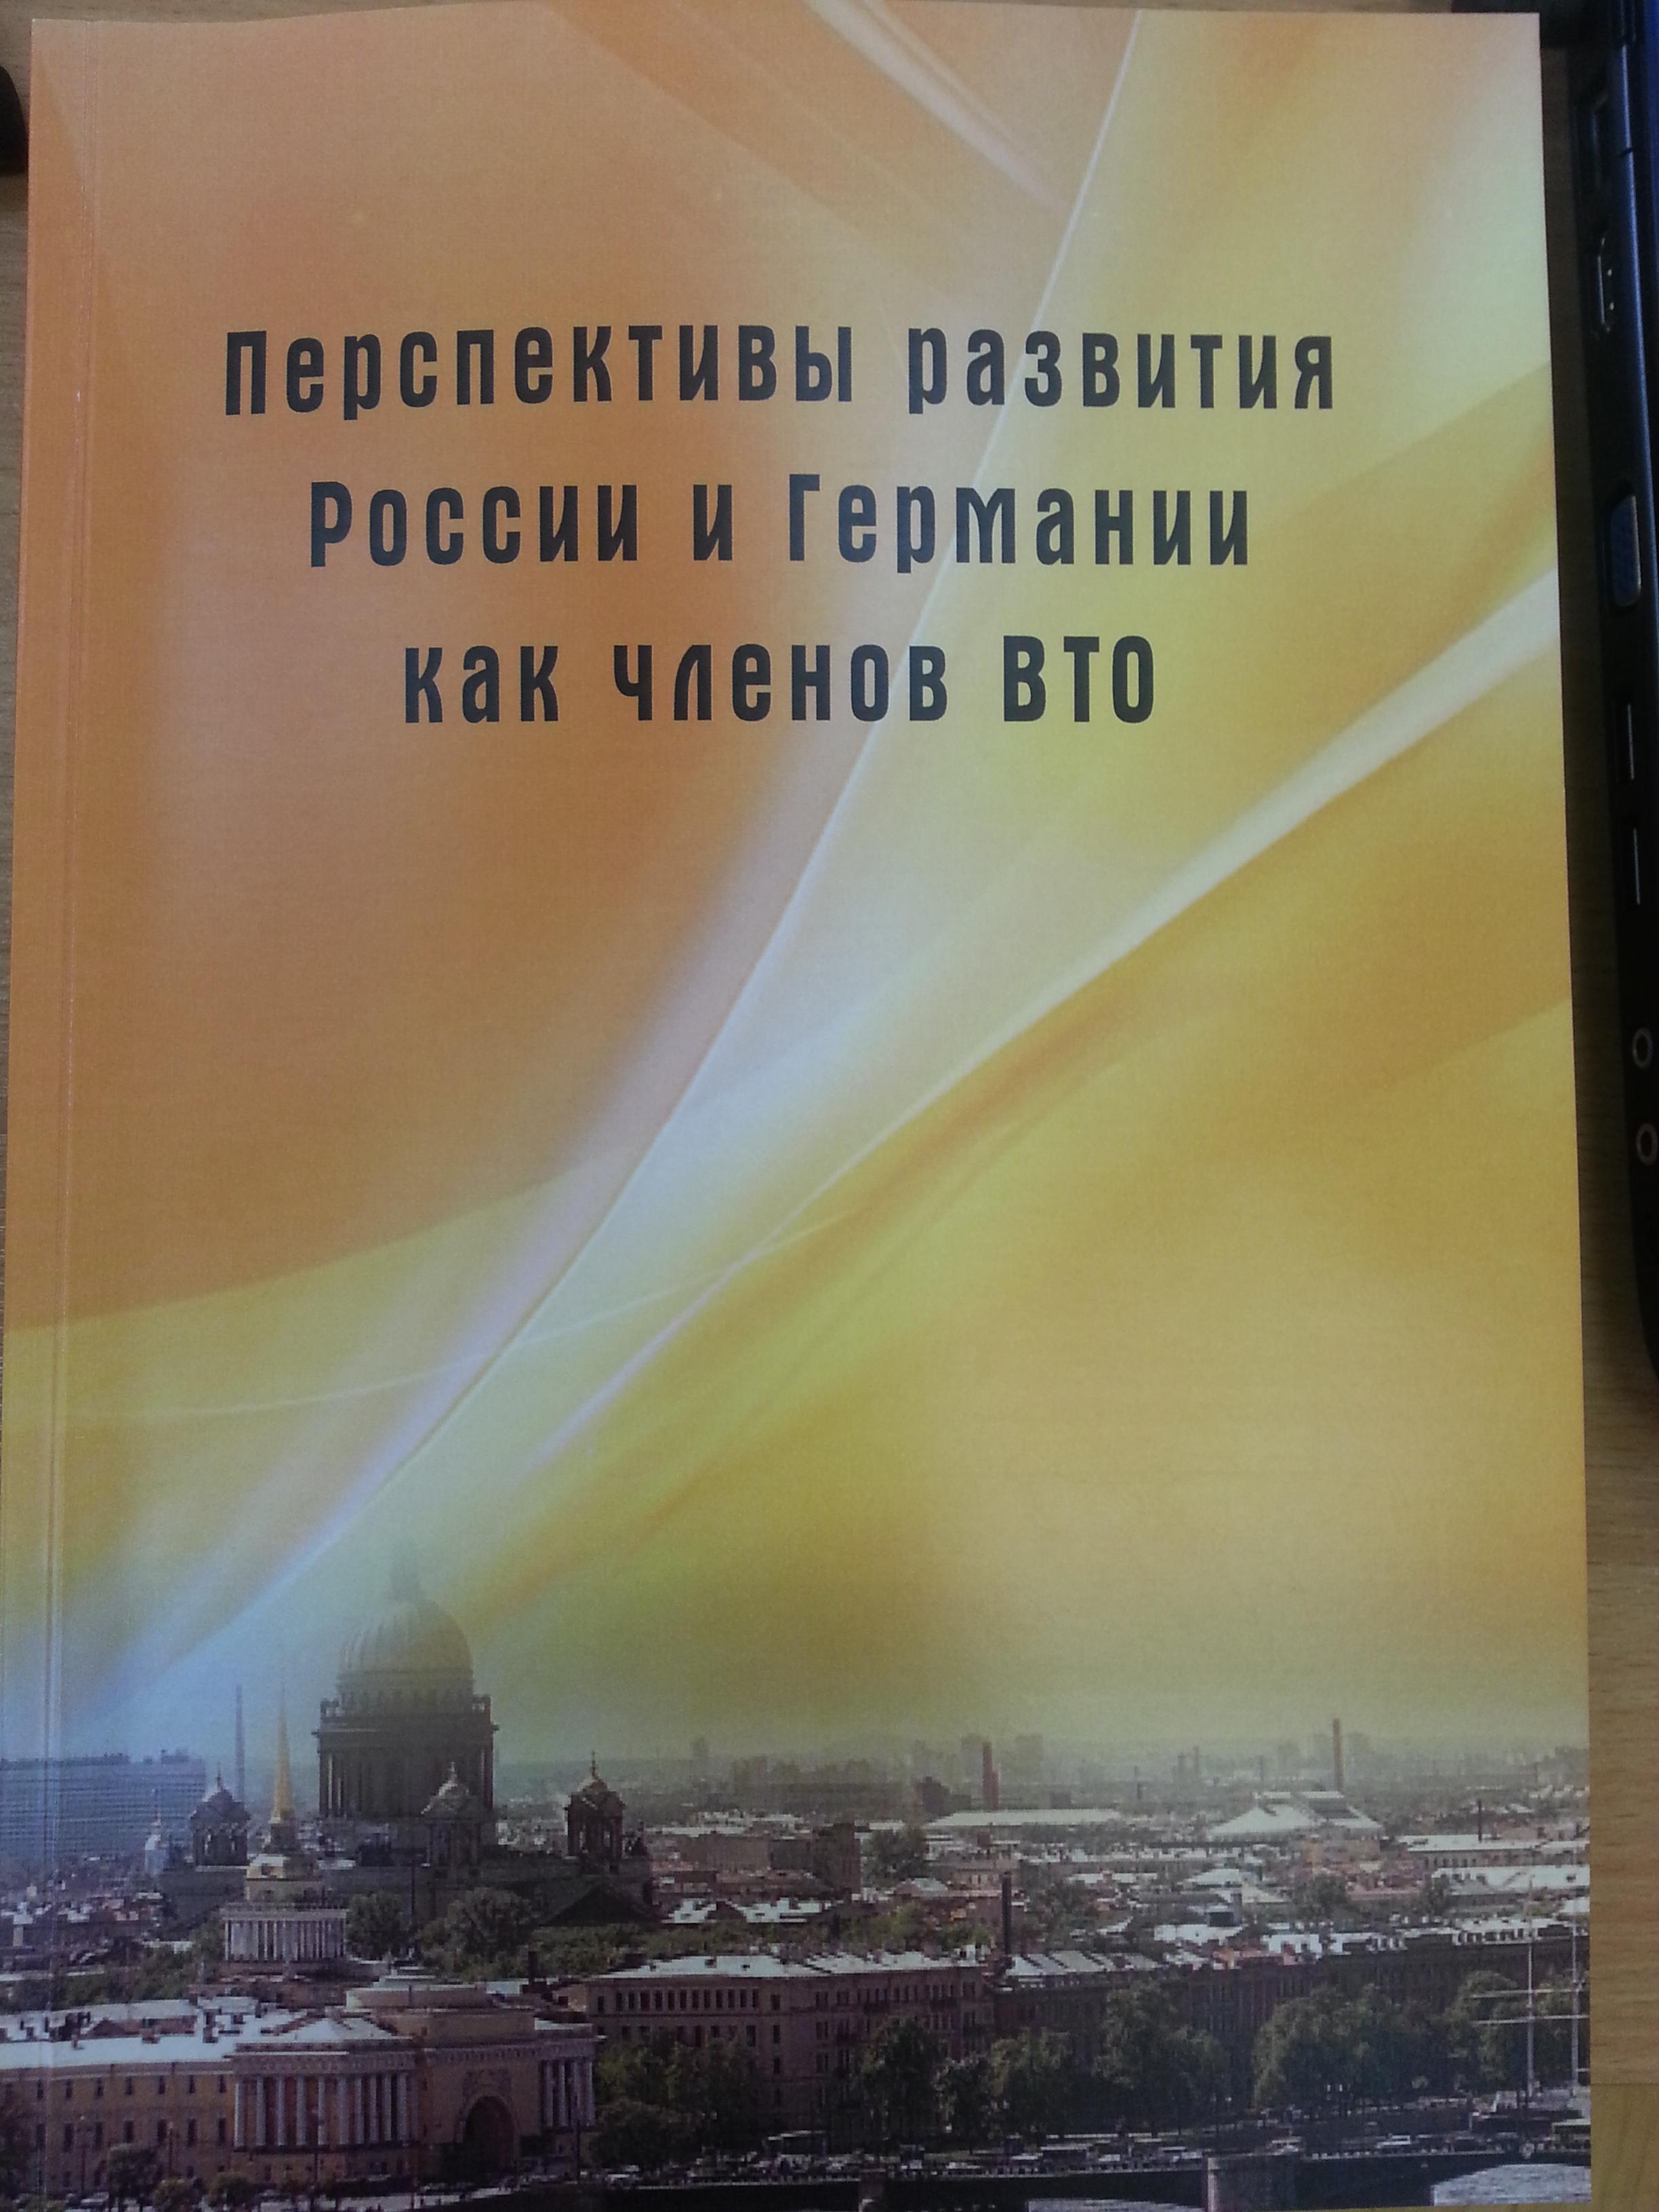 Перспективы развития России и Германии как членов ВТО